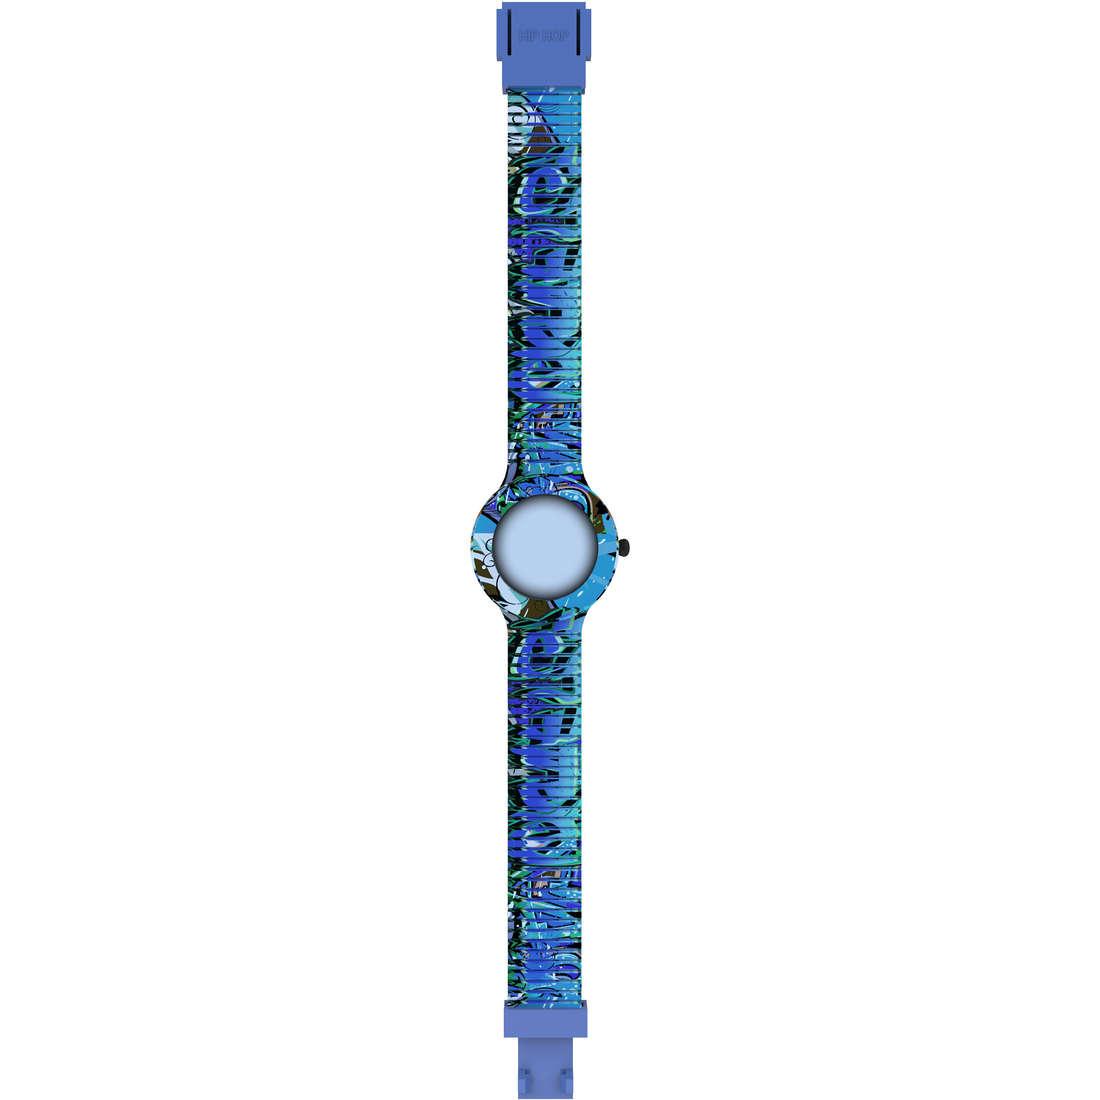 orologio accessorio donna Hip Hop Graffiti HBU0625